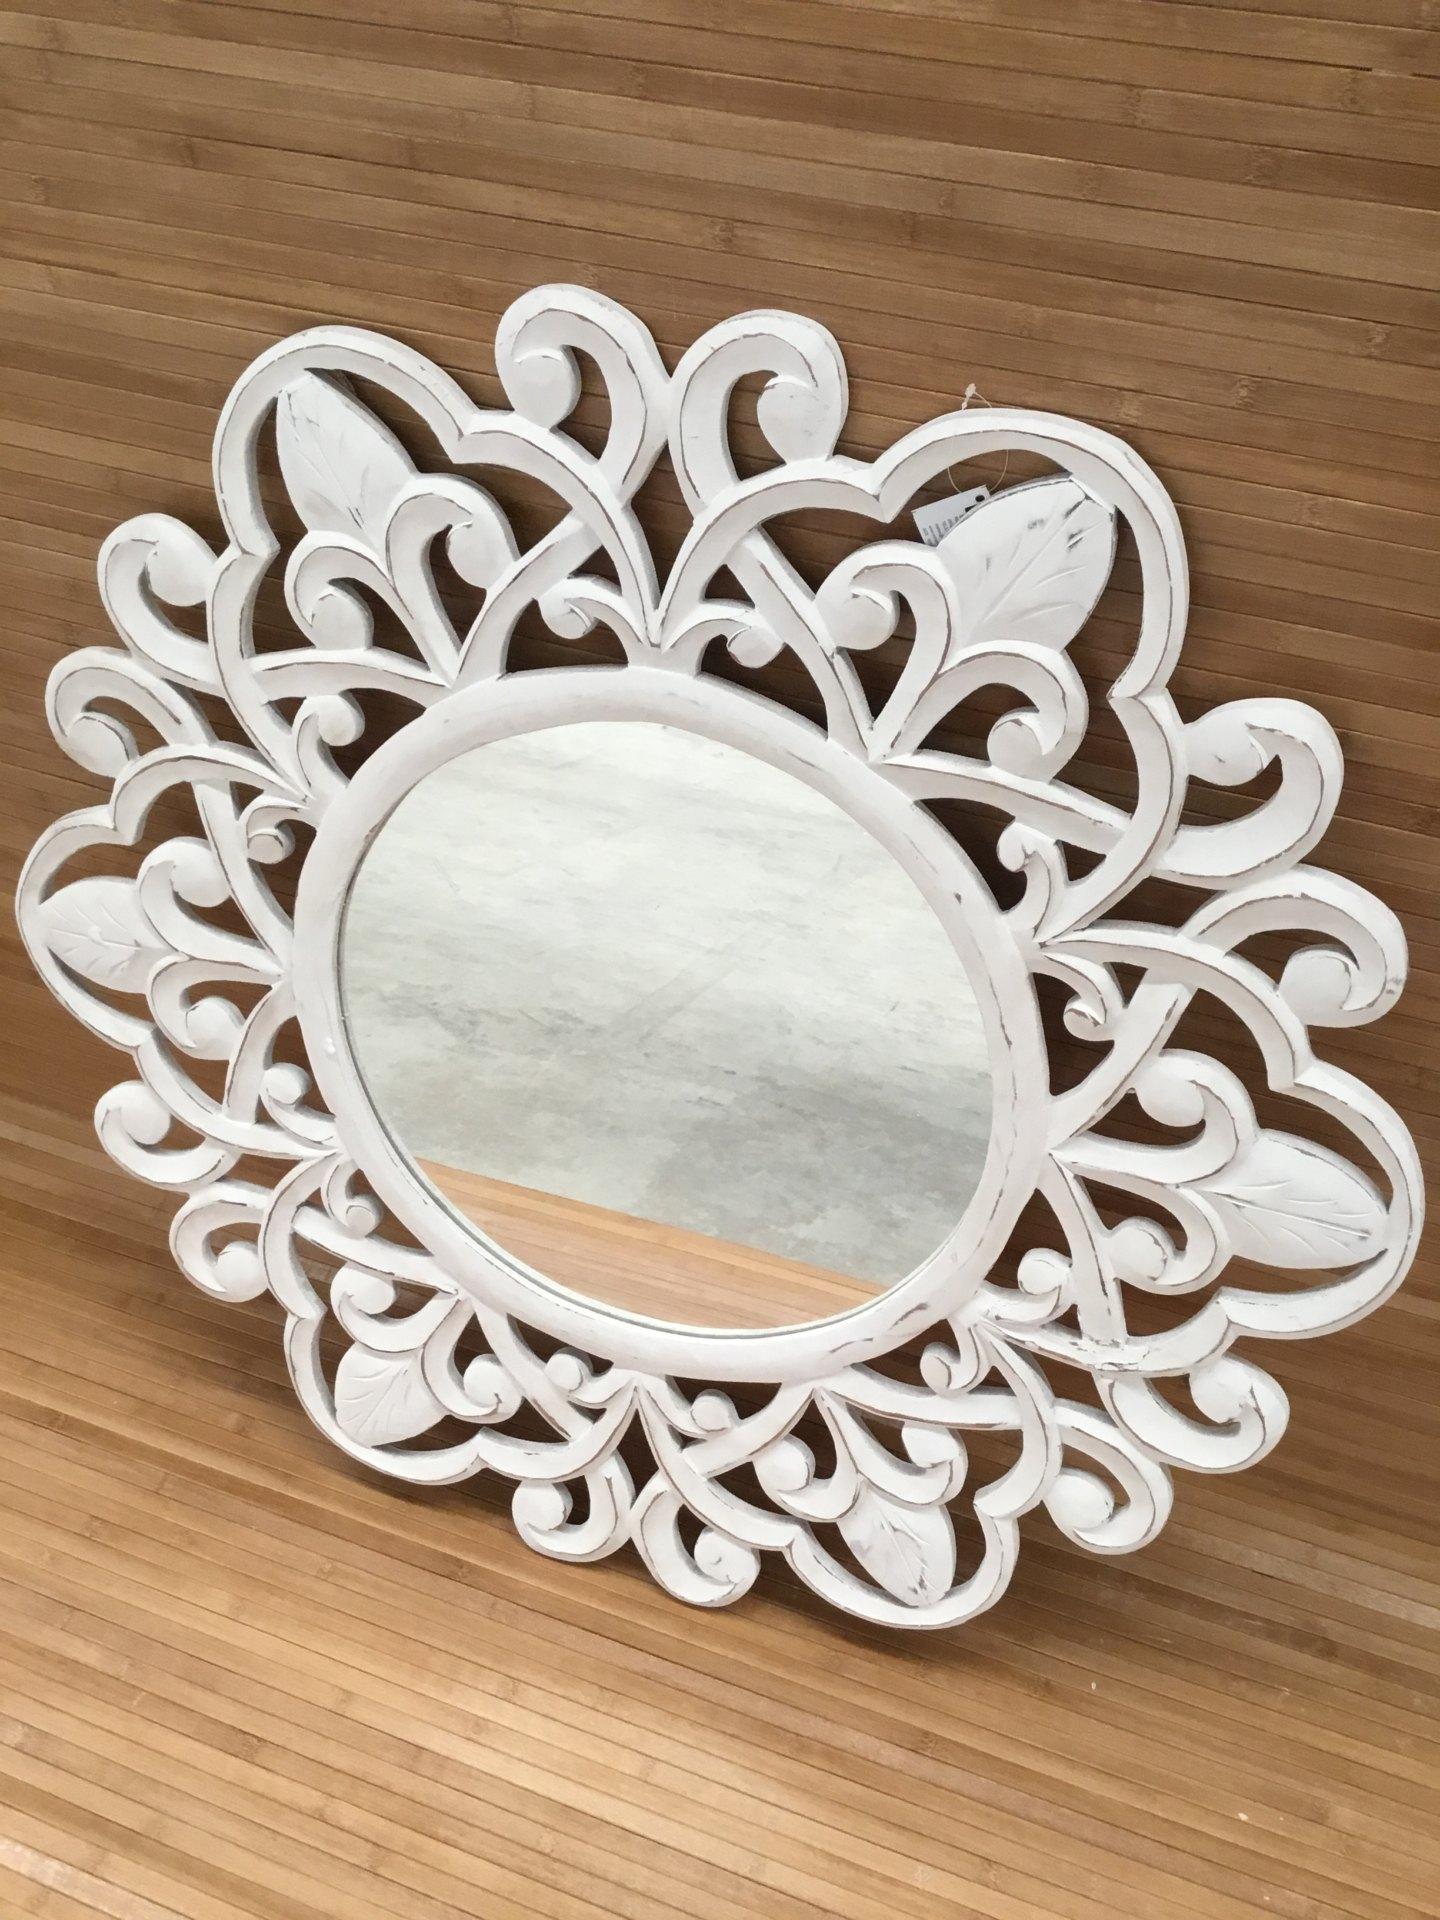 Espejo tnico grande tallado karol dekora - Espejos etnicos ...